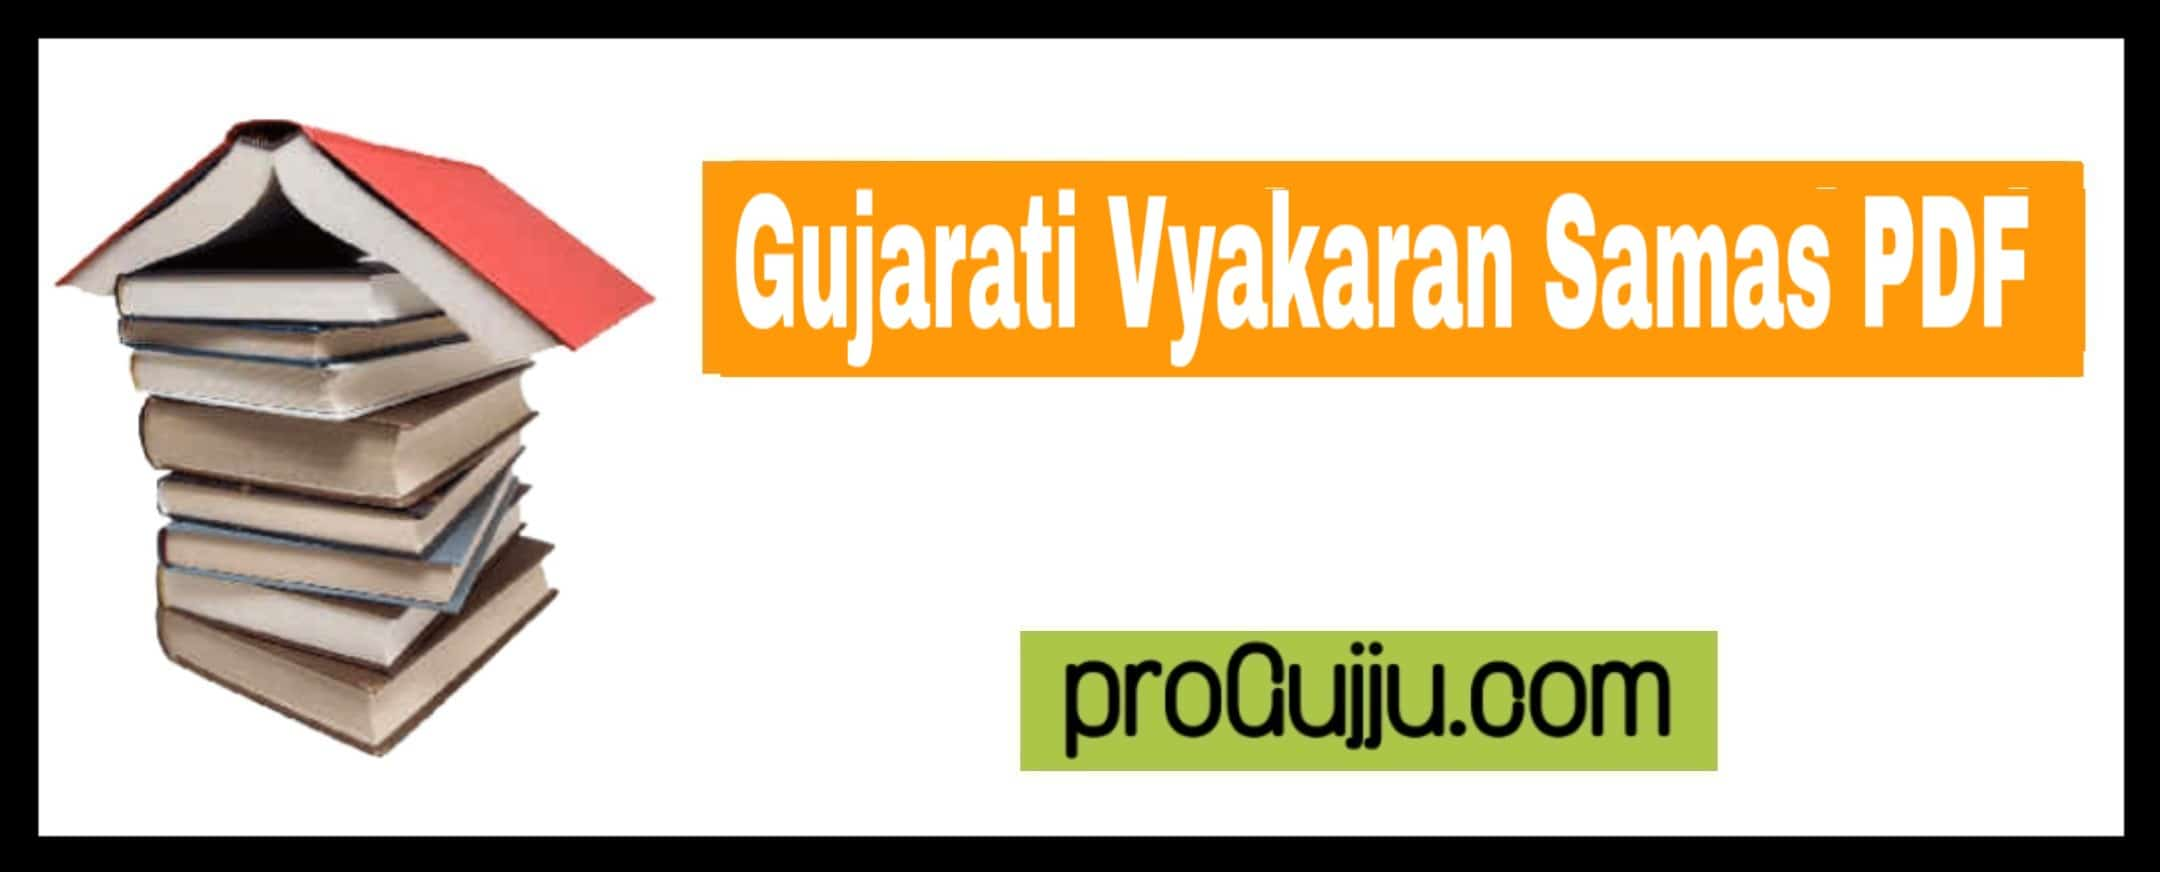 Gujarati Vyakaran Samas PDF